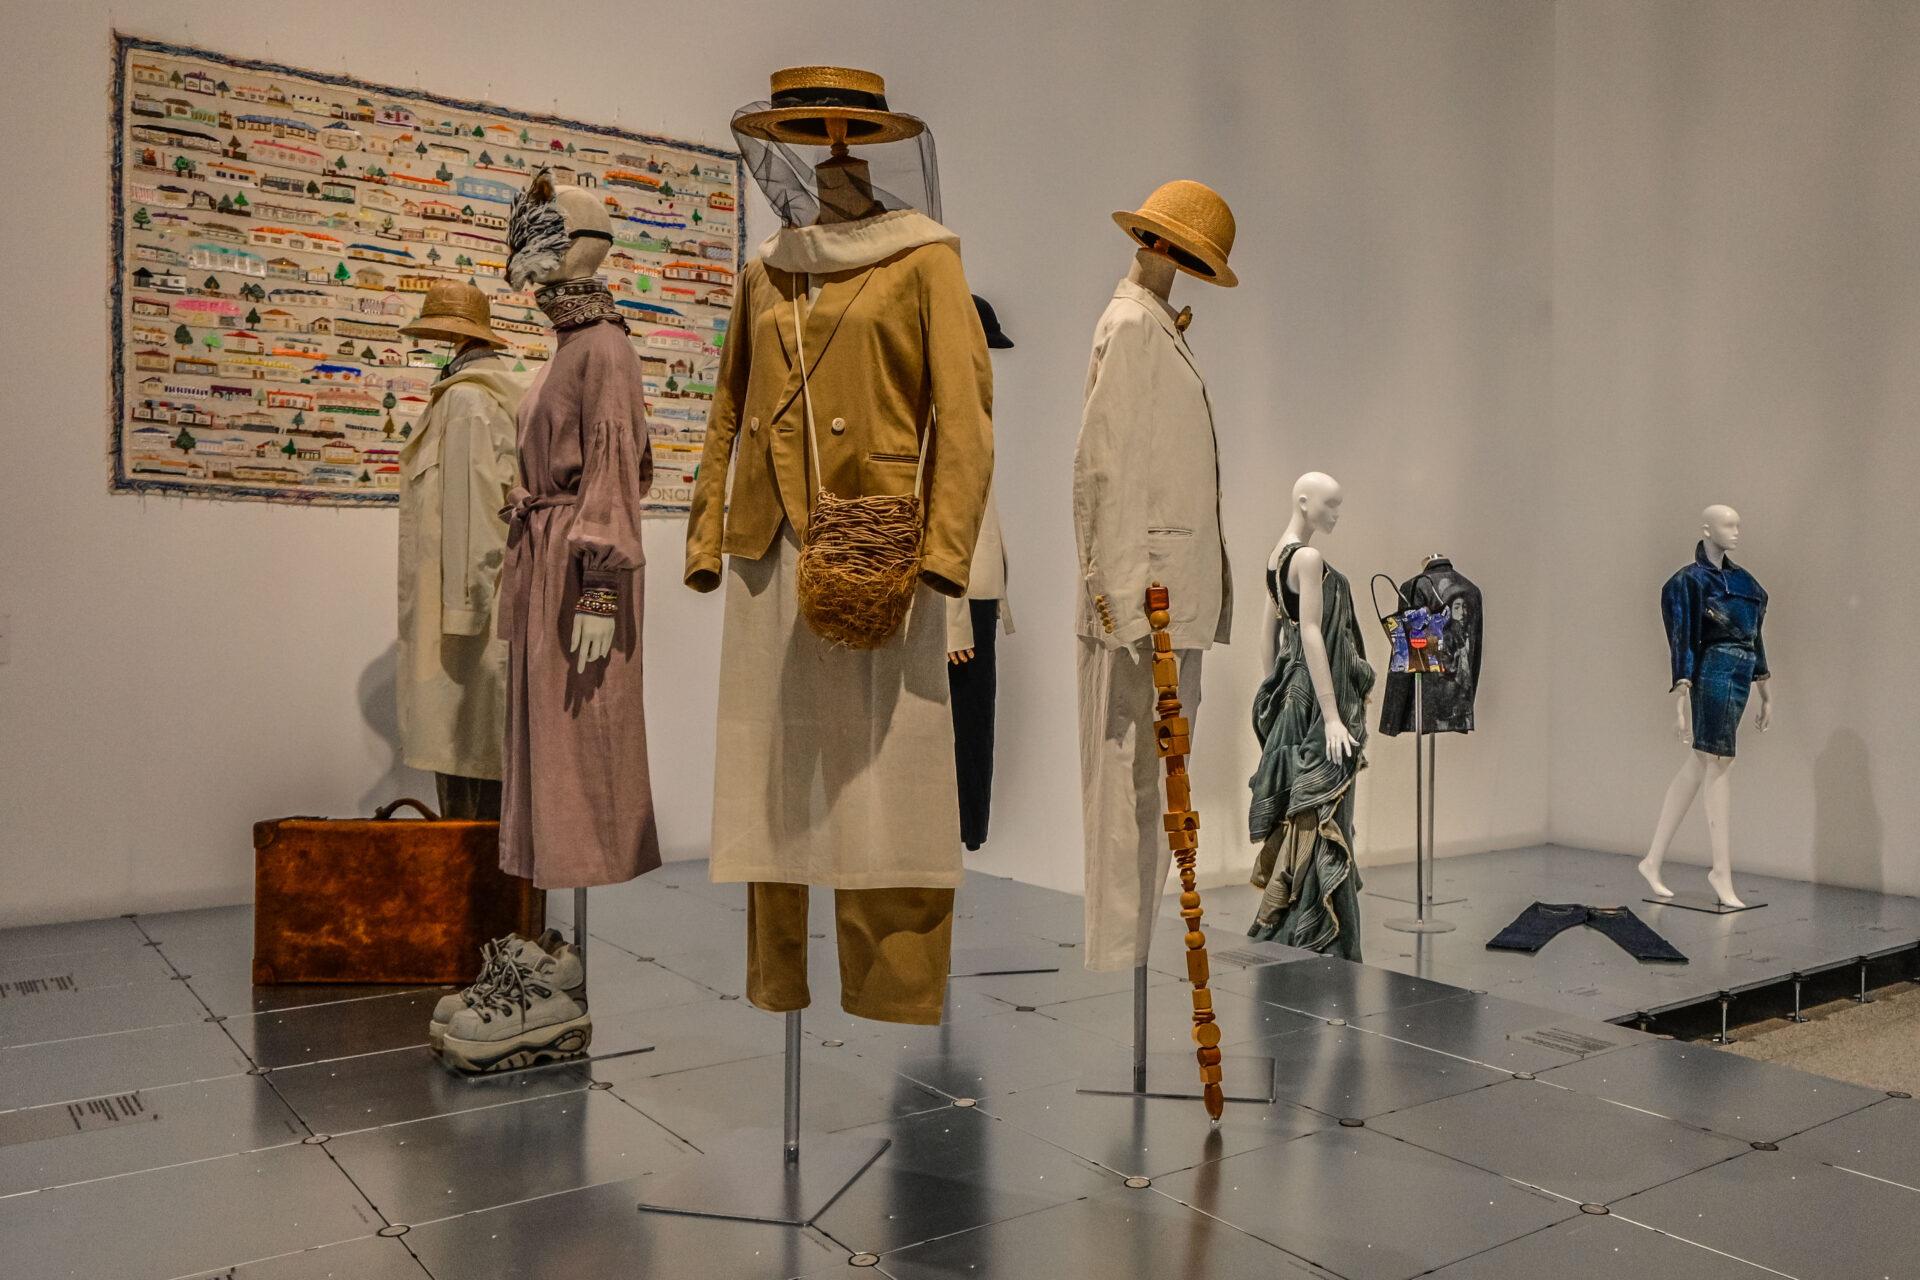 Dress Code  – Das Spiel mit der Mode, Interaktive Ausstellung in der Bundekunsthalle Bonn noch bis 12.09.2021